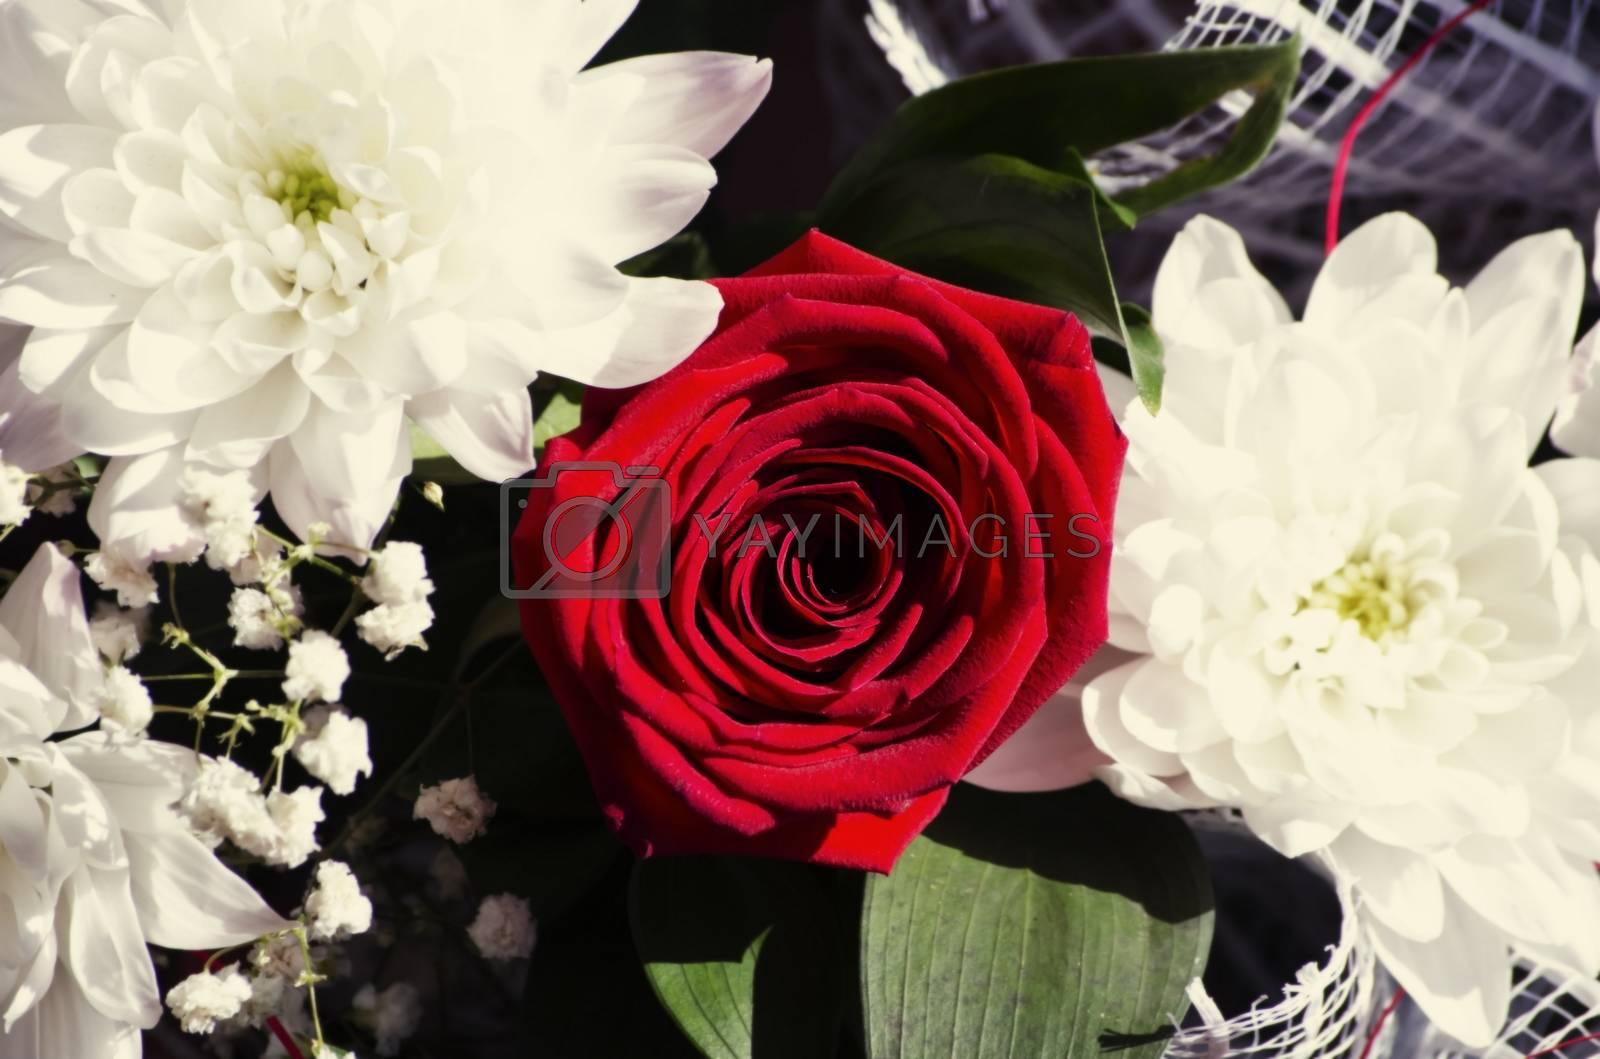 Royalty free image of Red Rose by razvodovska